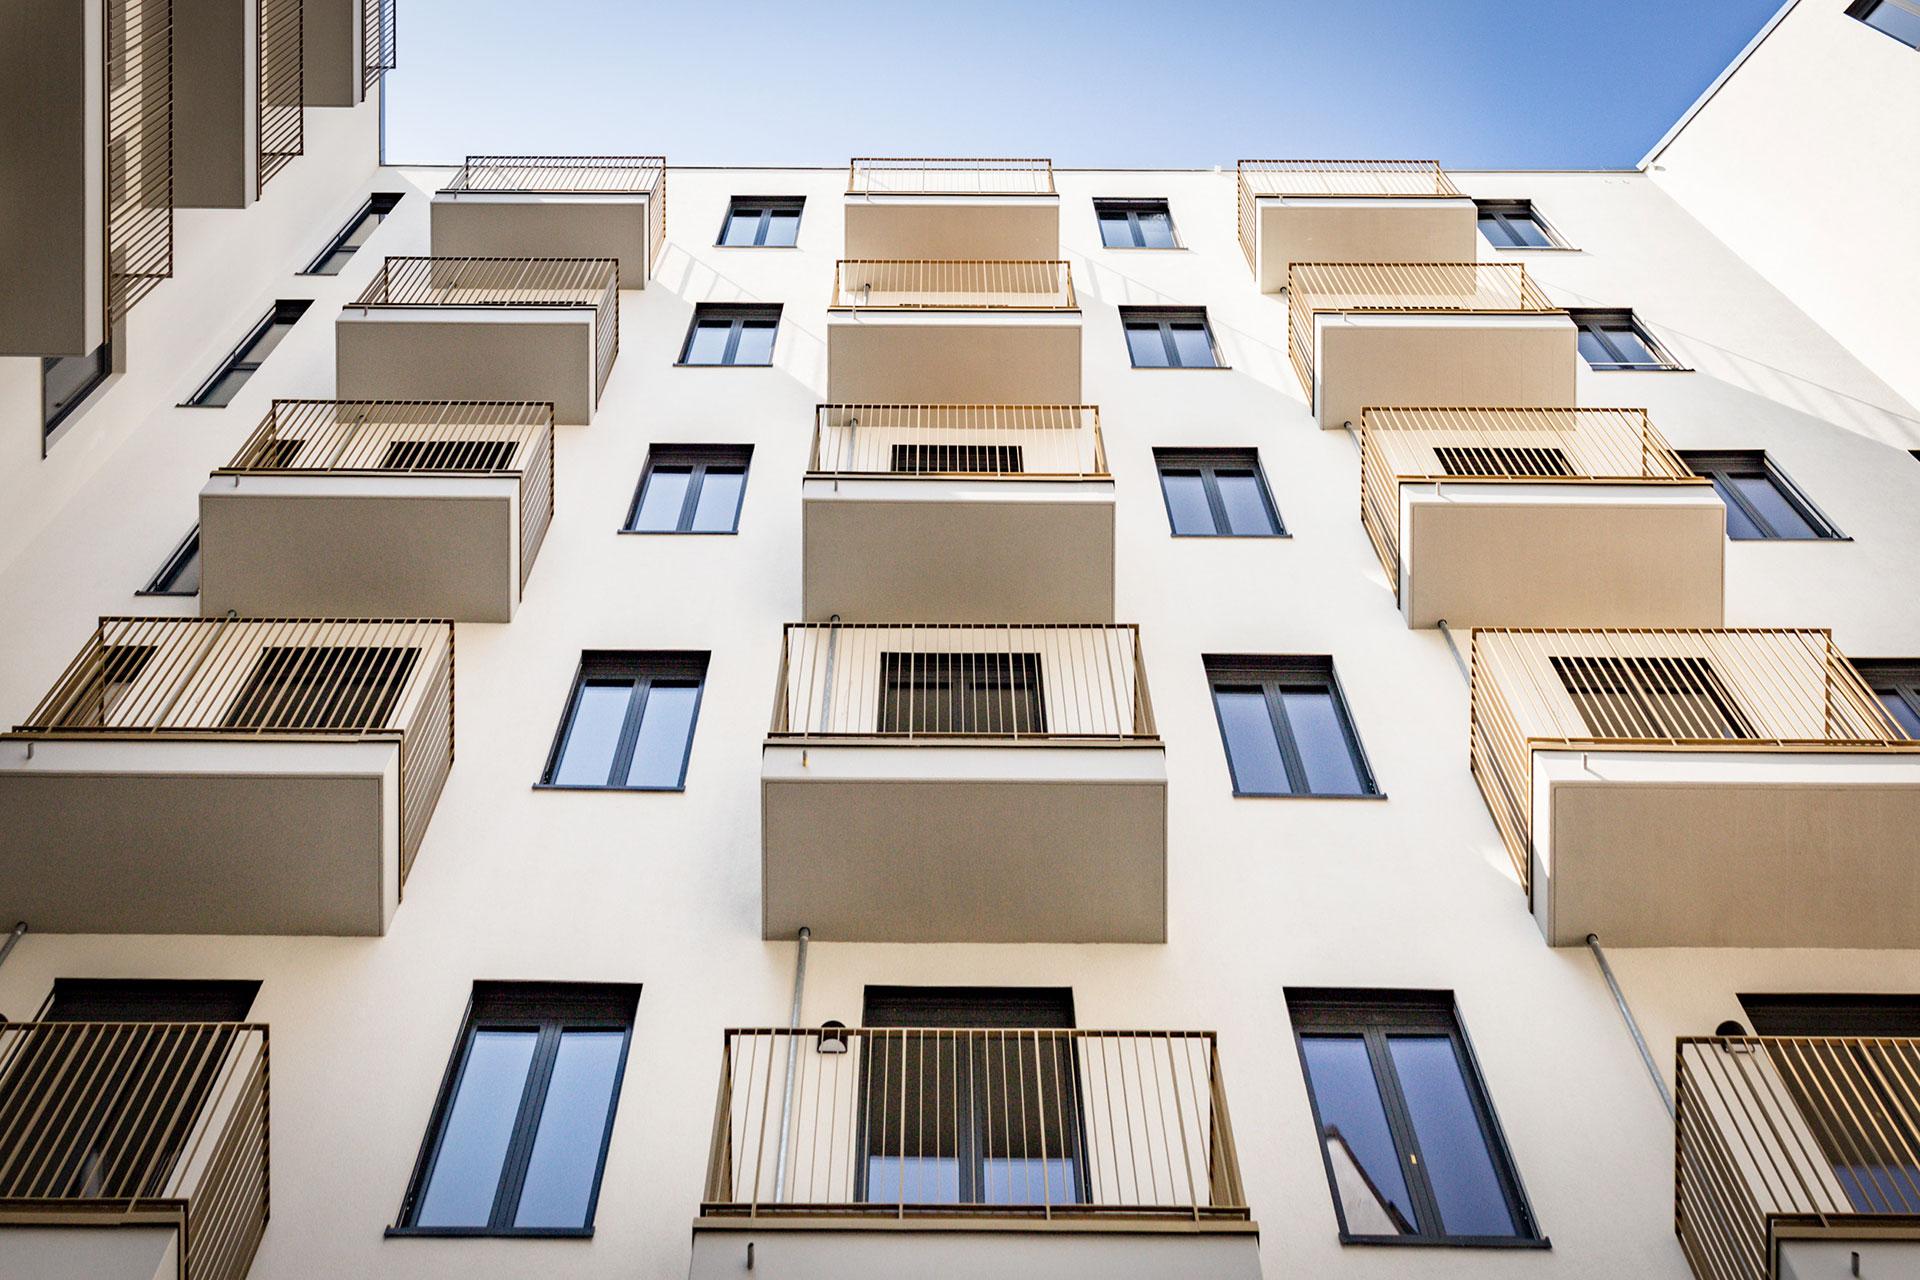 Fenster von Gebäude B